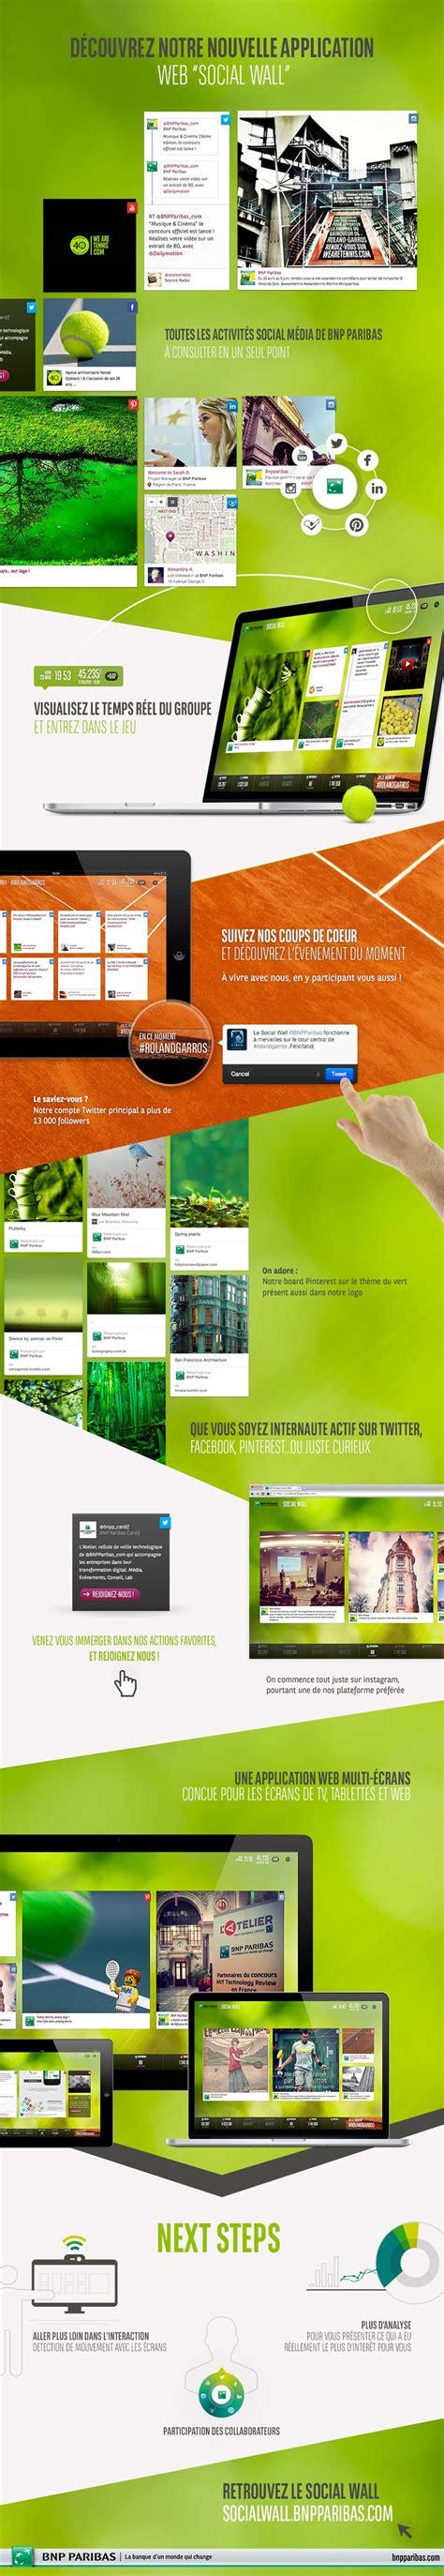 si e social bnp paribas social wall par bnp paribas la vie de la marque en